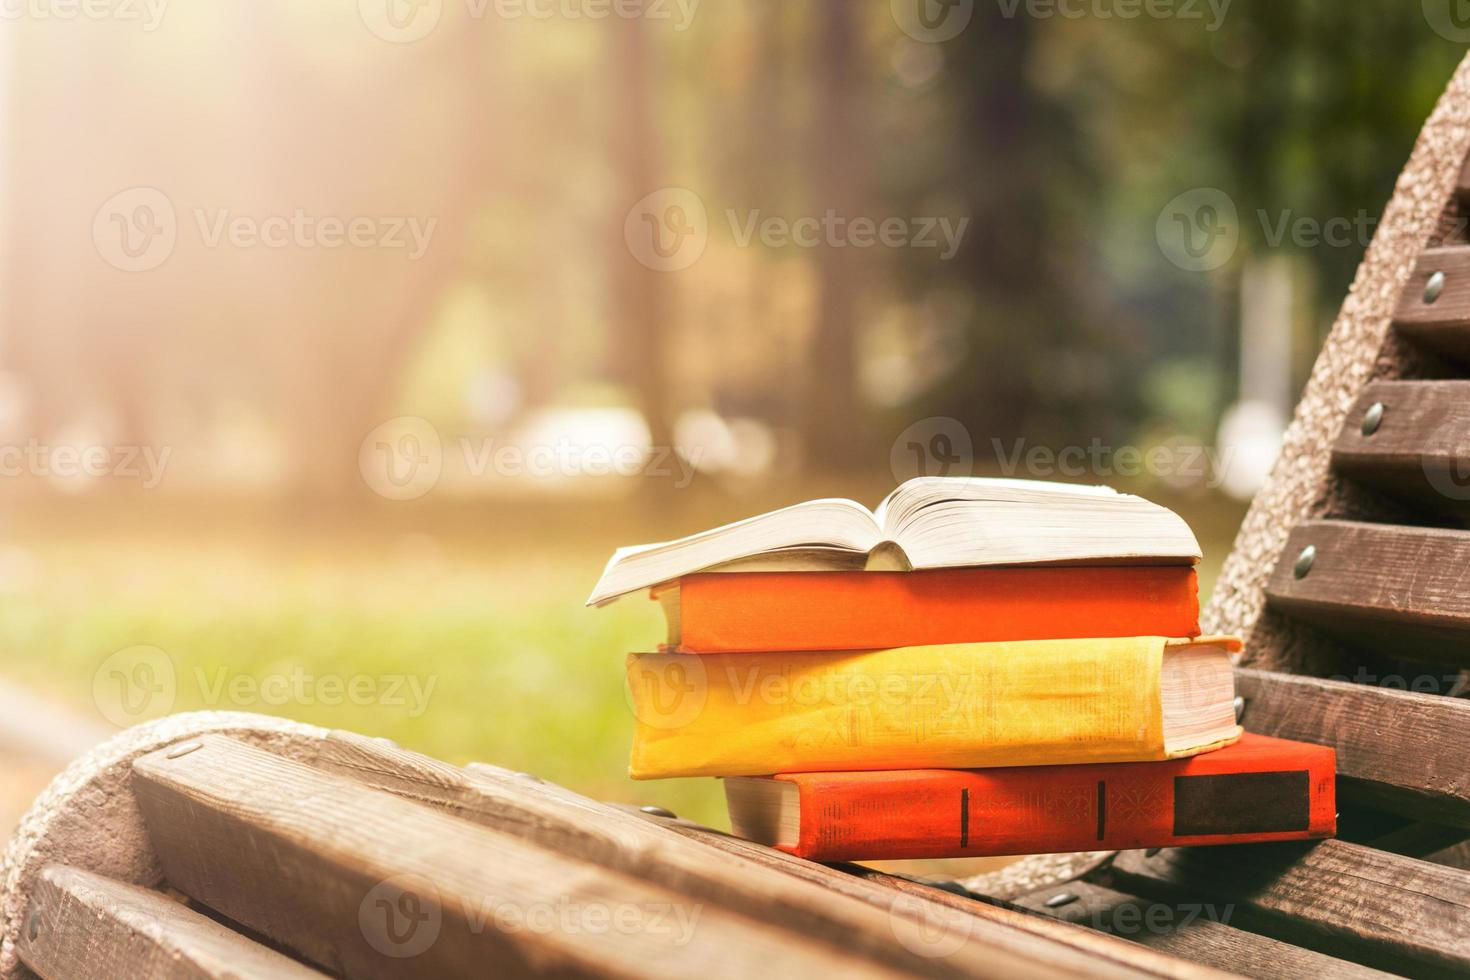 pila di libri con copertina rigida, libro aperto sdraiato su una panchina foto